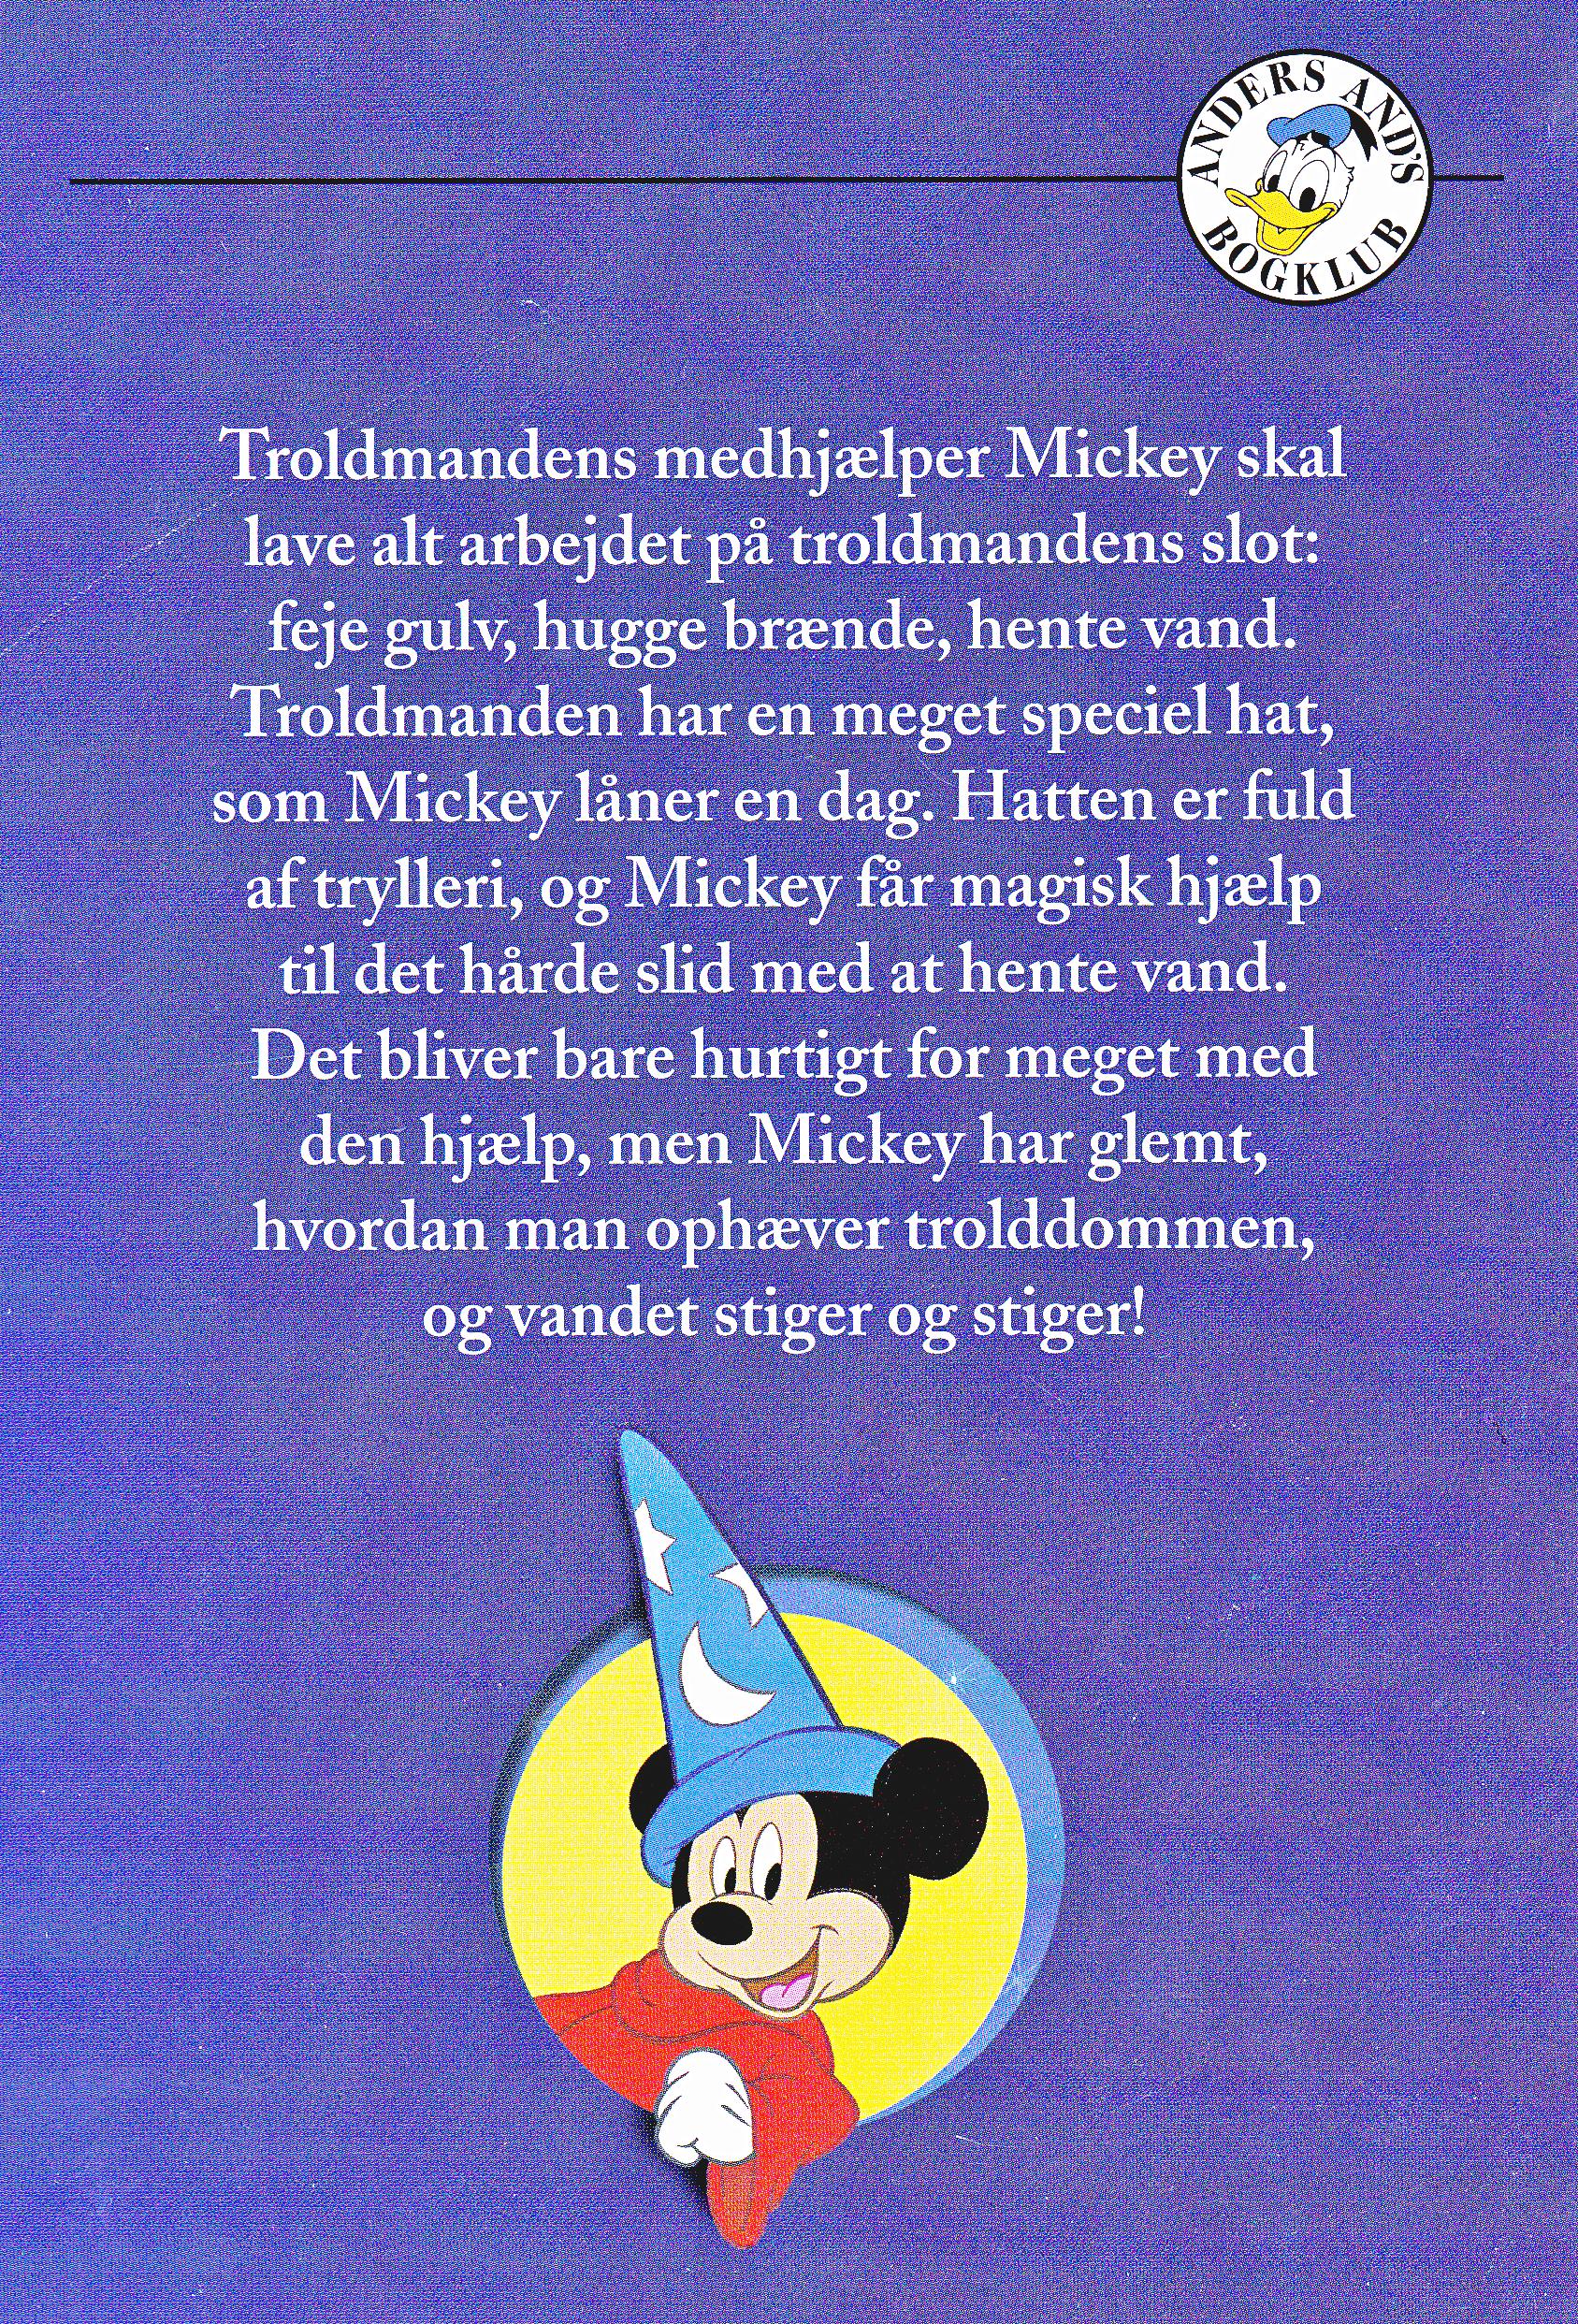 Walt Disney Book hình ảnh - Donald con vịt, vịt & Mickey chuột - những nhân  vật của Walt Disney bức ảnh (38757135) - fanpop